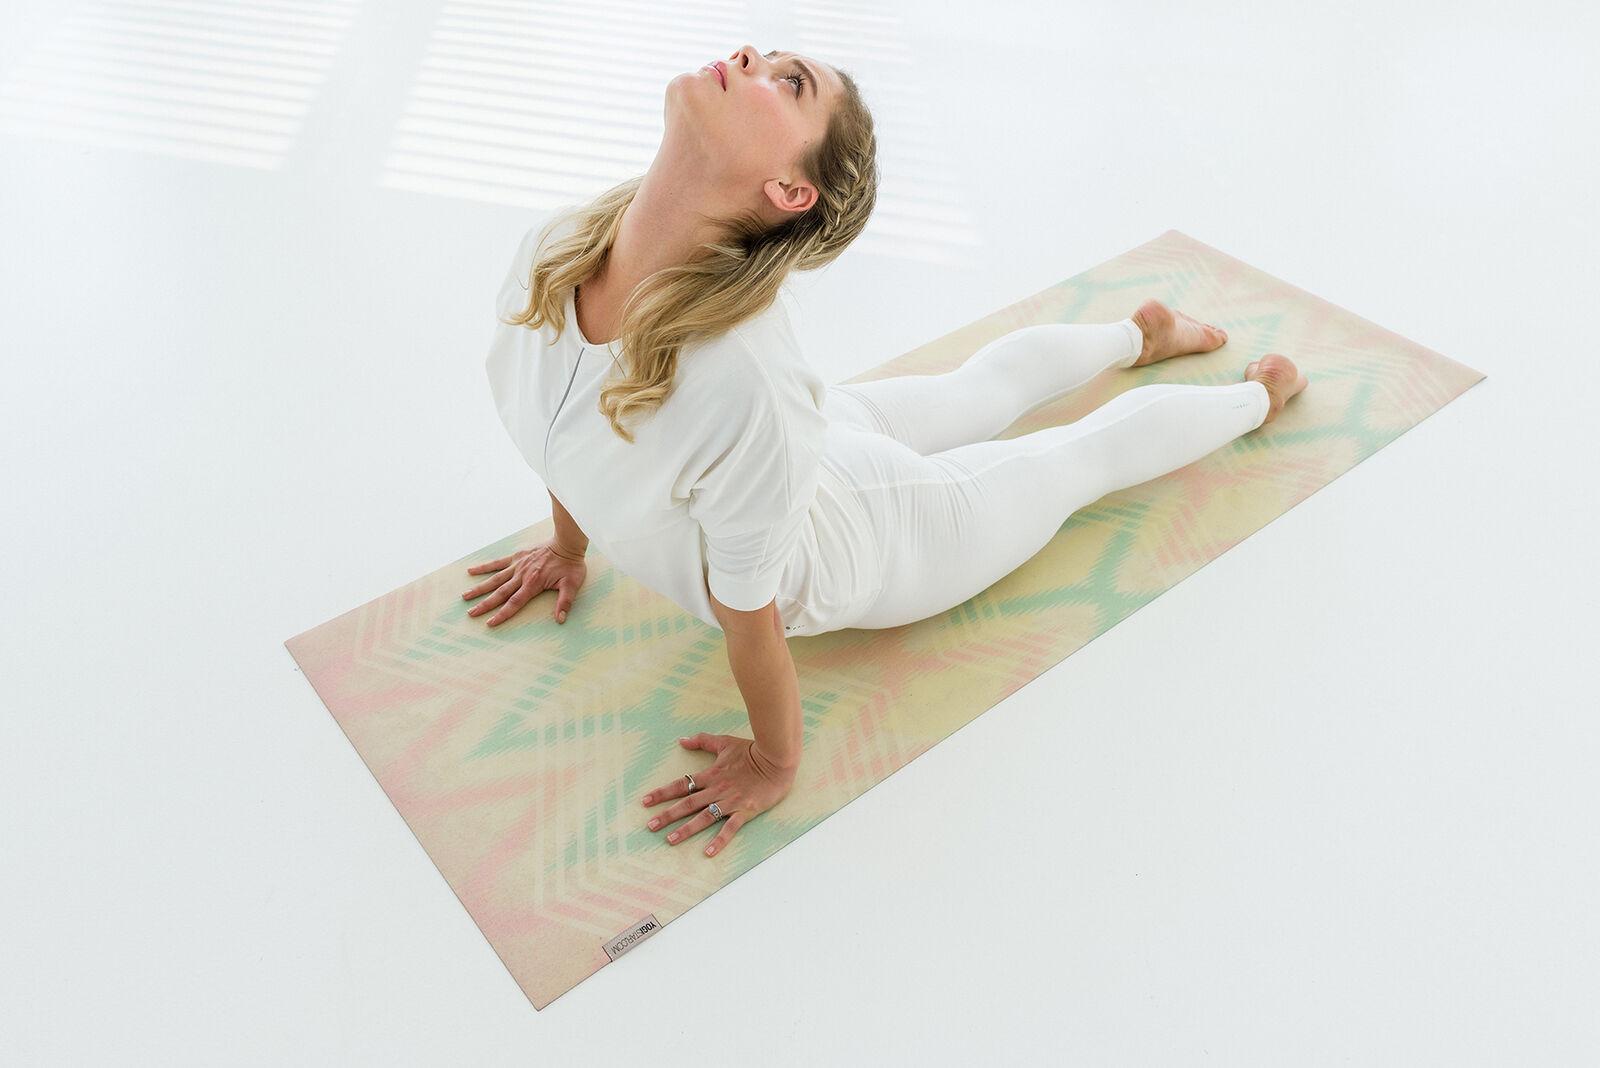 Yogistar Yogamatte NEU & OVP OVP & 6d30e8